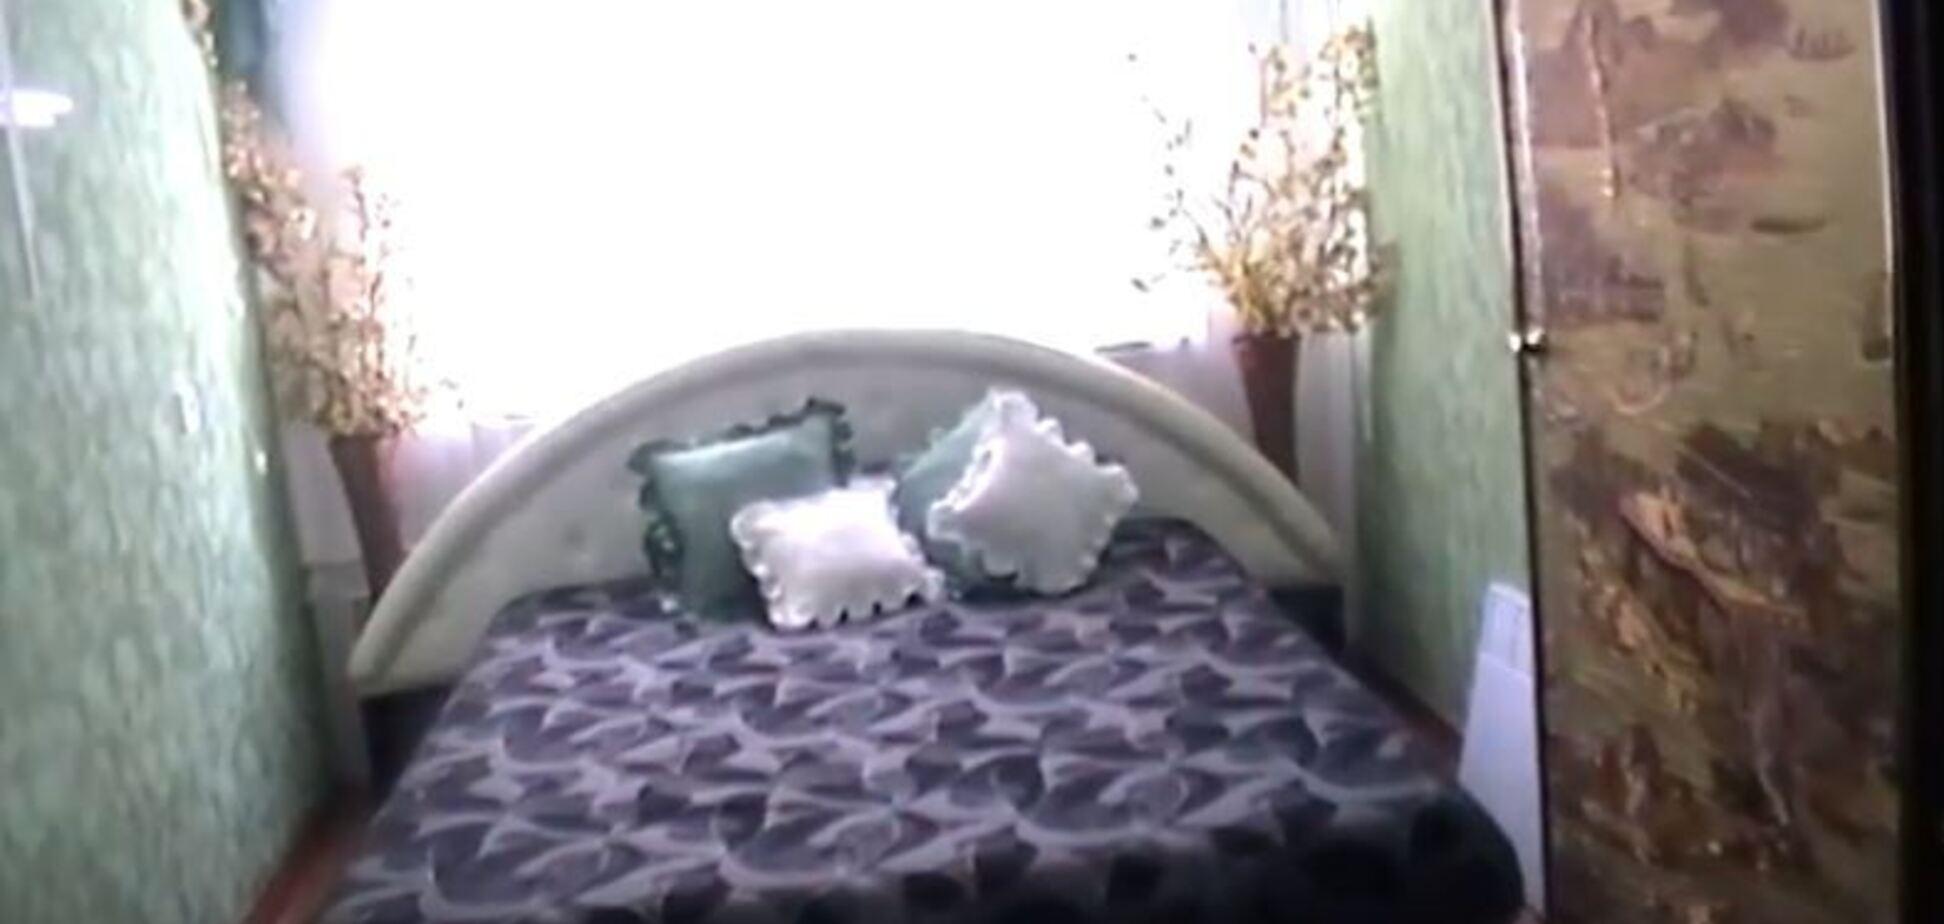 Ліжка з балдахінами і їдальня з плазмою: як виглядає колонія, де сидітиме Зайцева